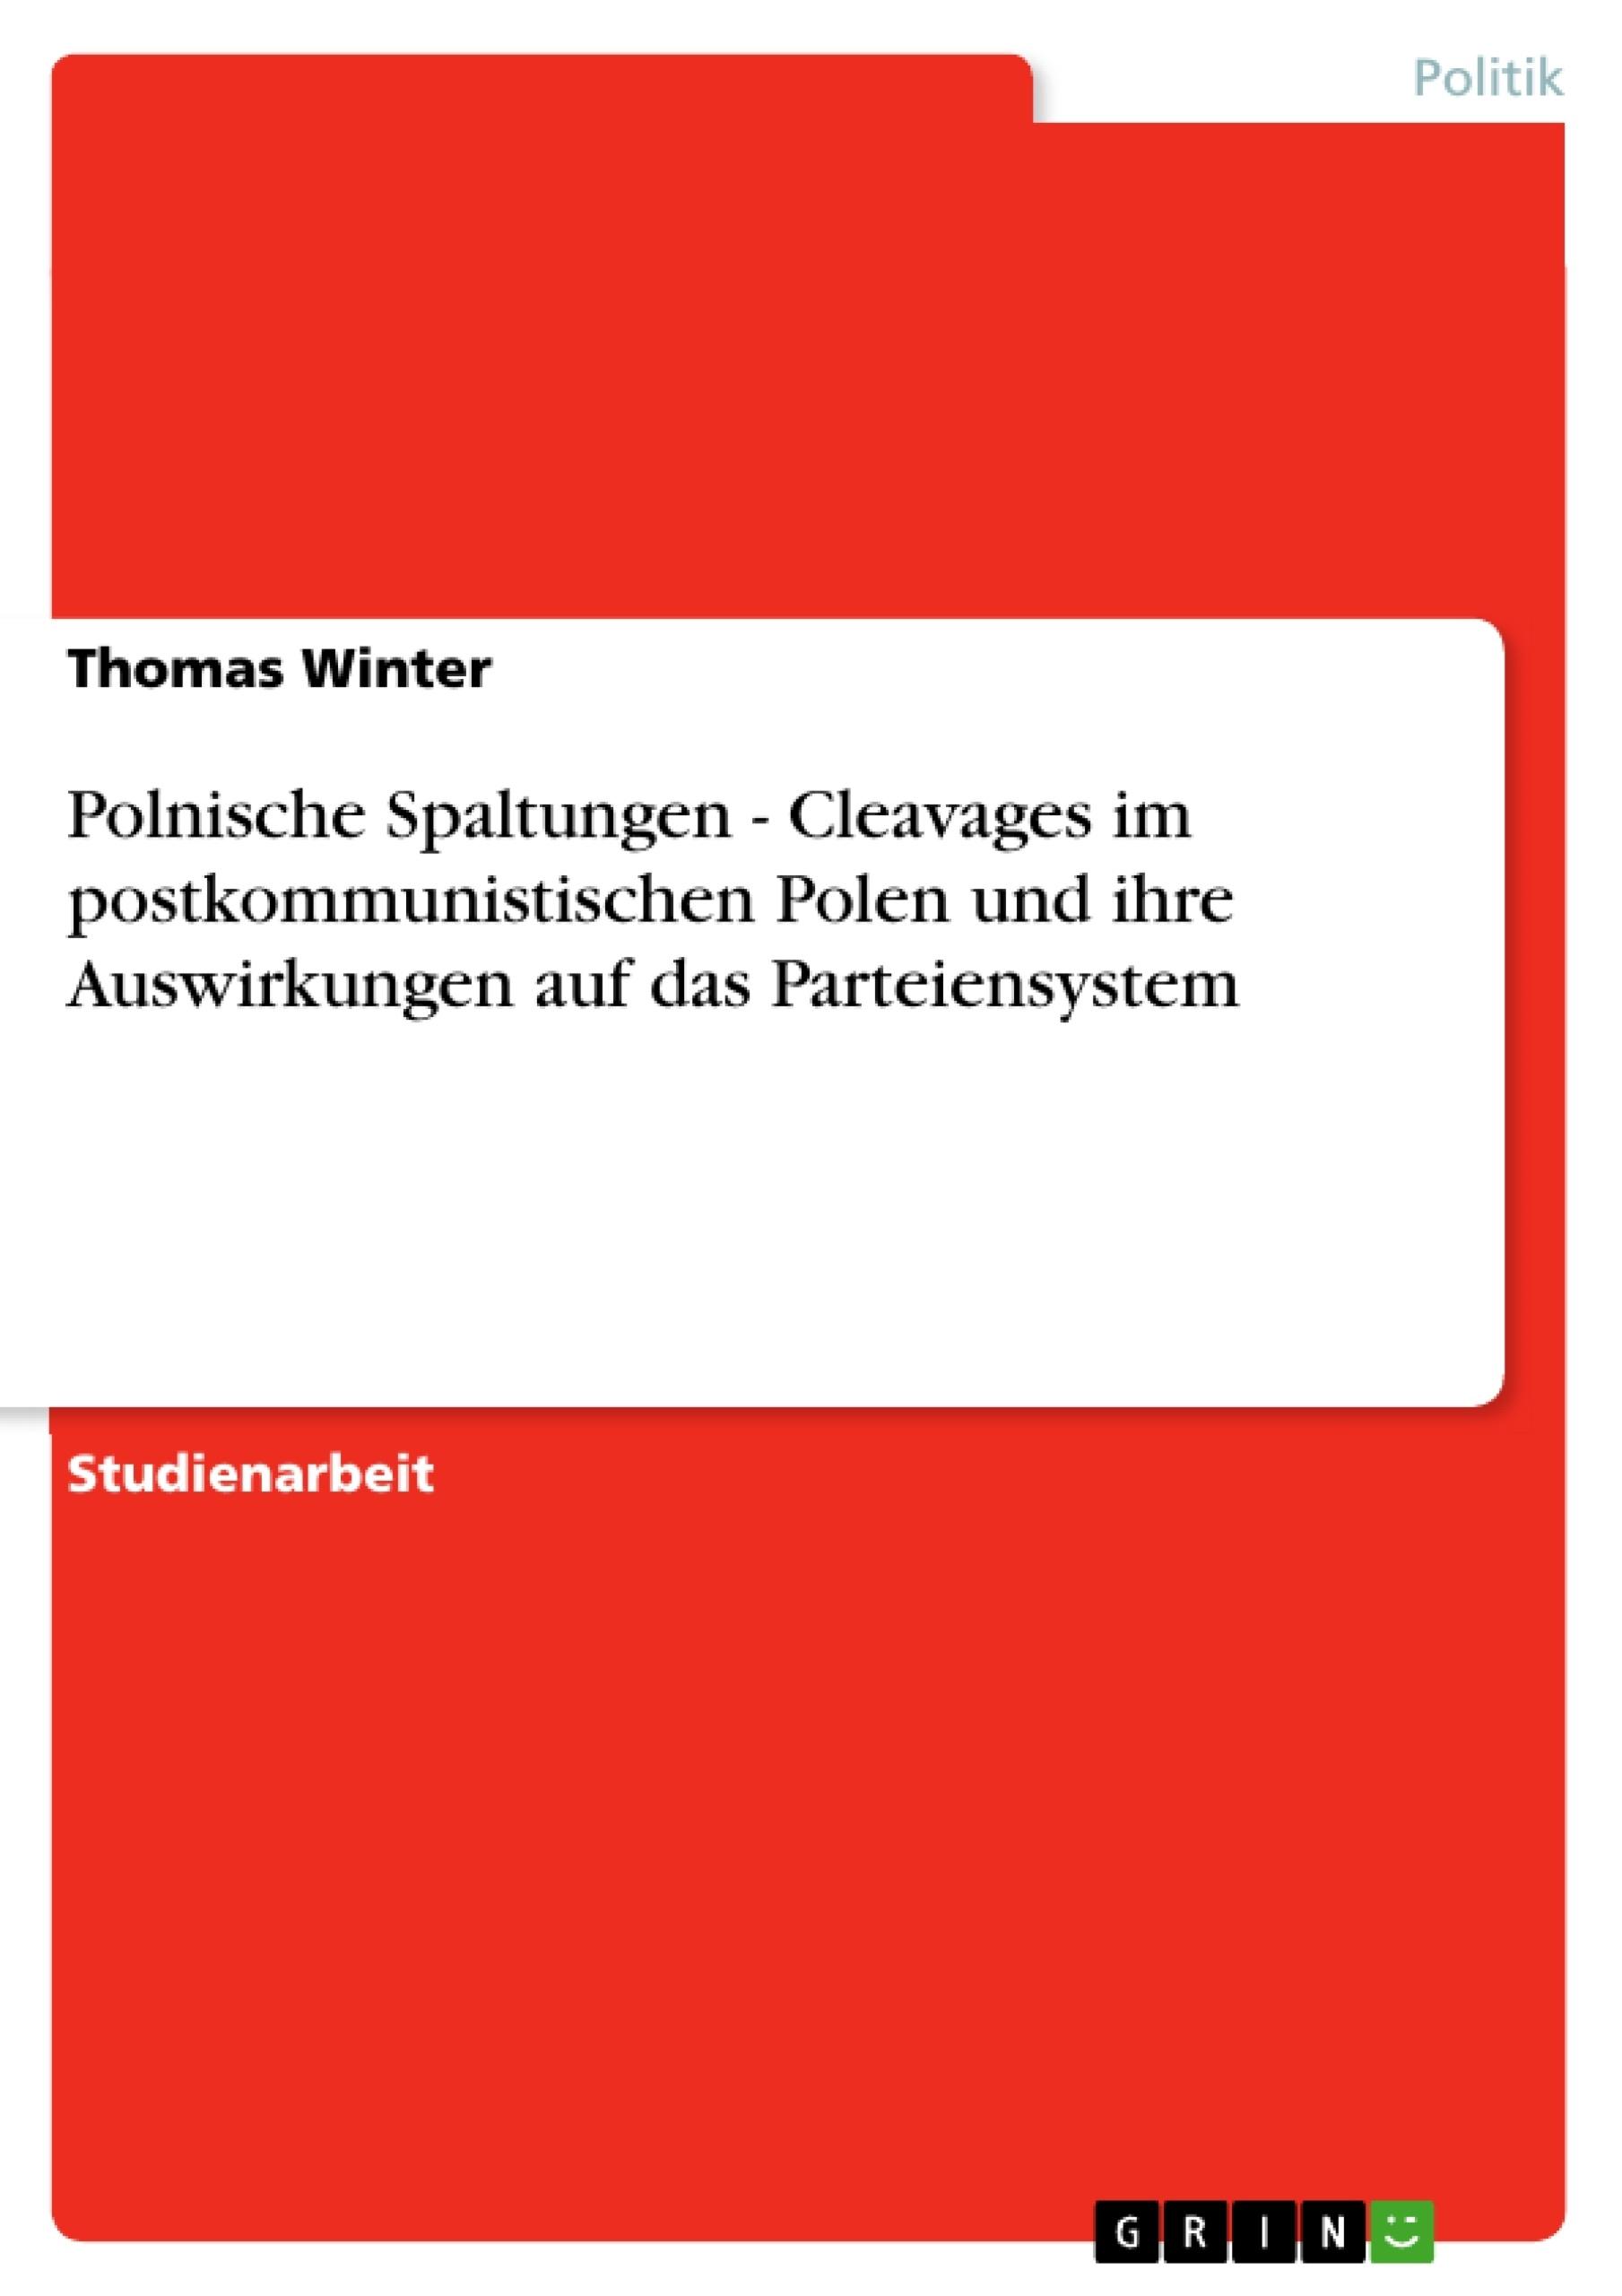 Titel: Polnische Spaltungen - Cleavages im postkommunistischen Polen und ihre Auswirkungen auf das Parteiensystem